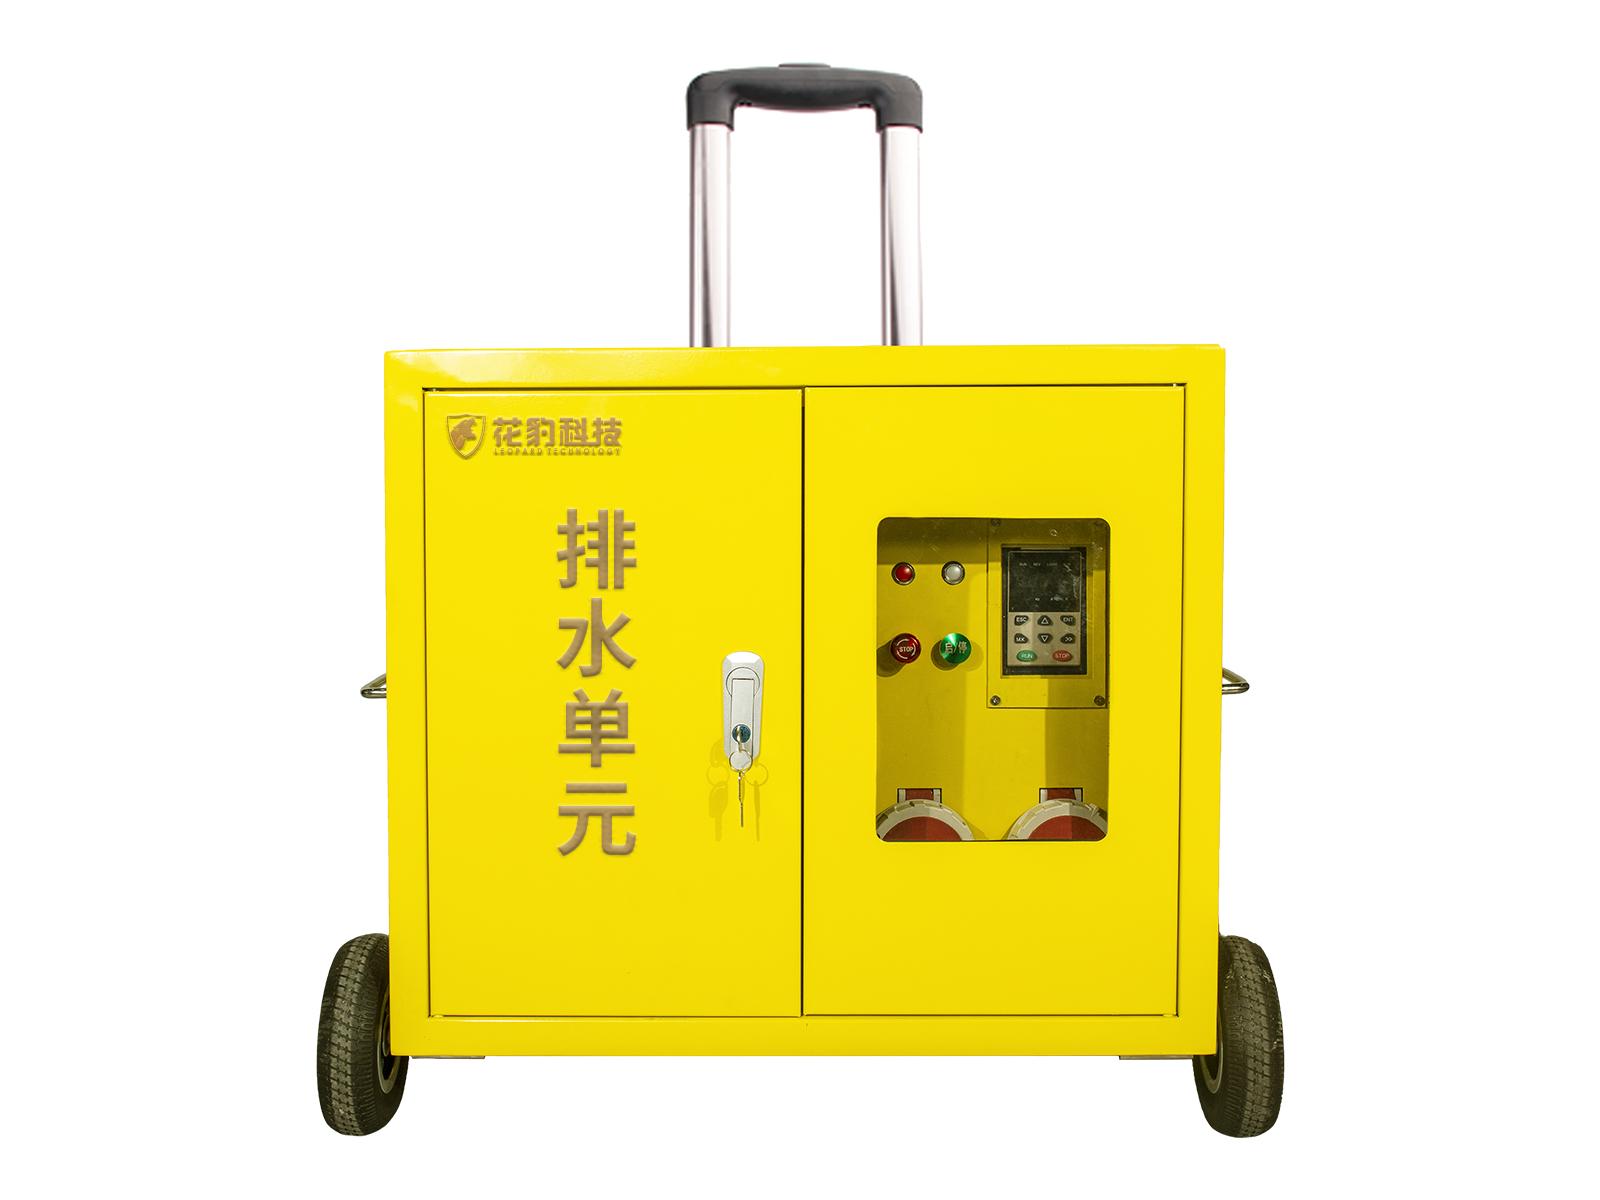 上海防汛泵哪家强「上海花豹科技供应」